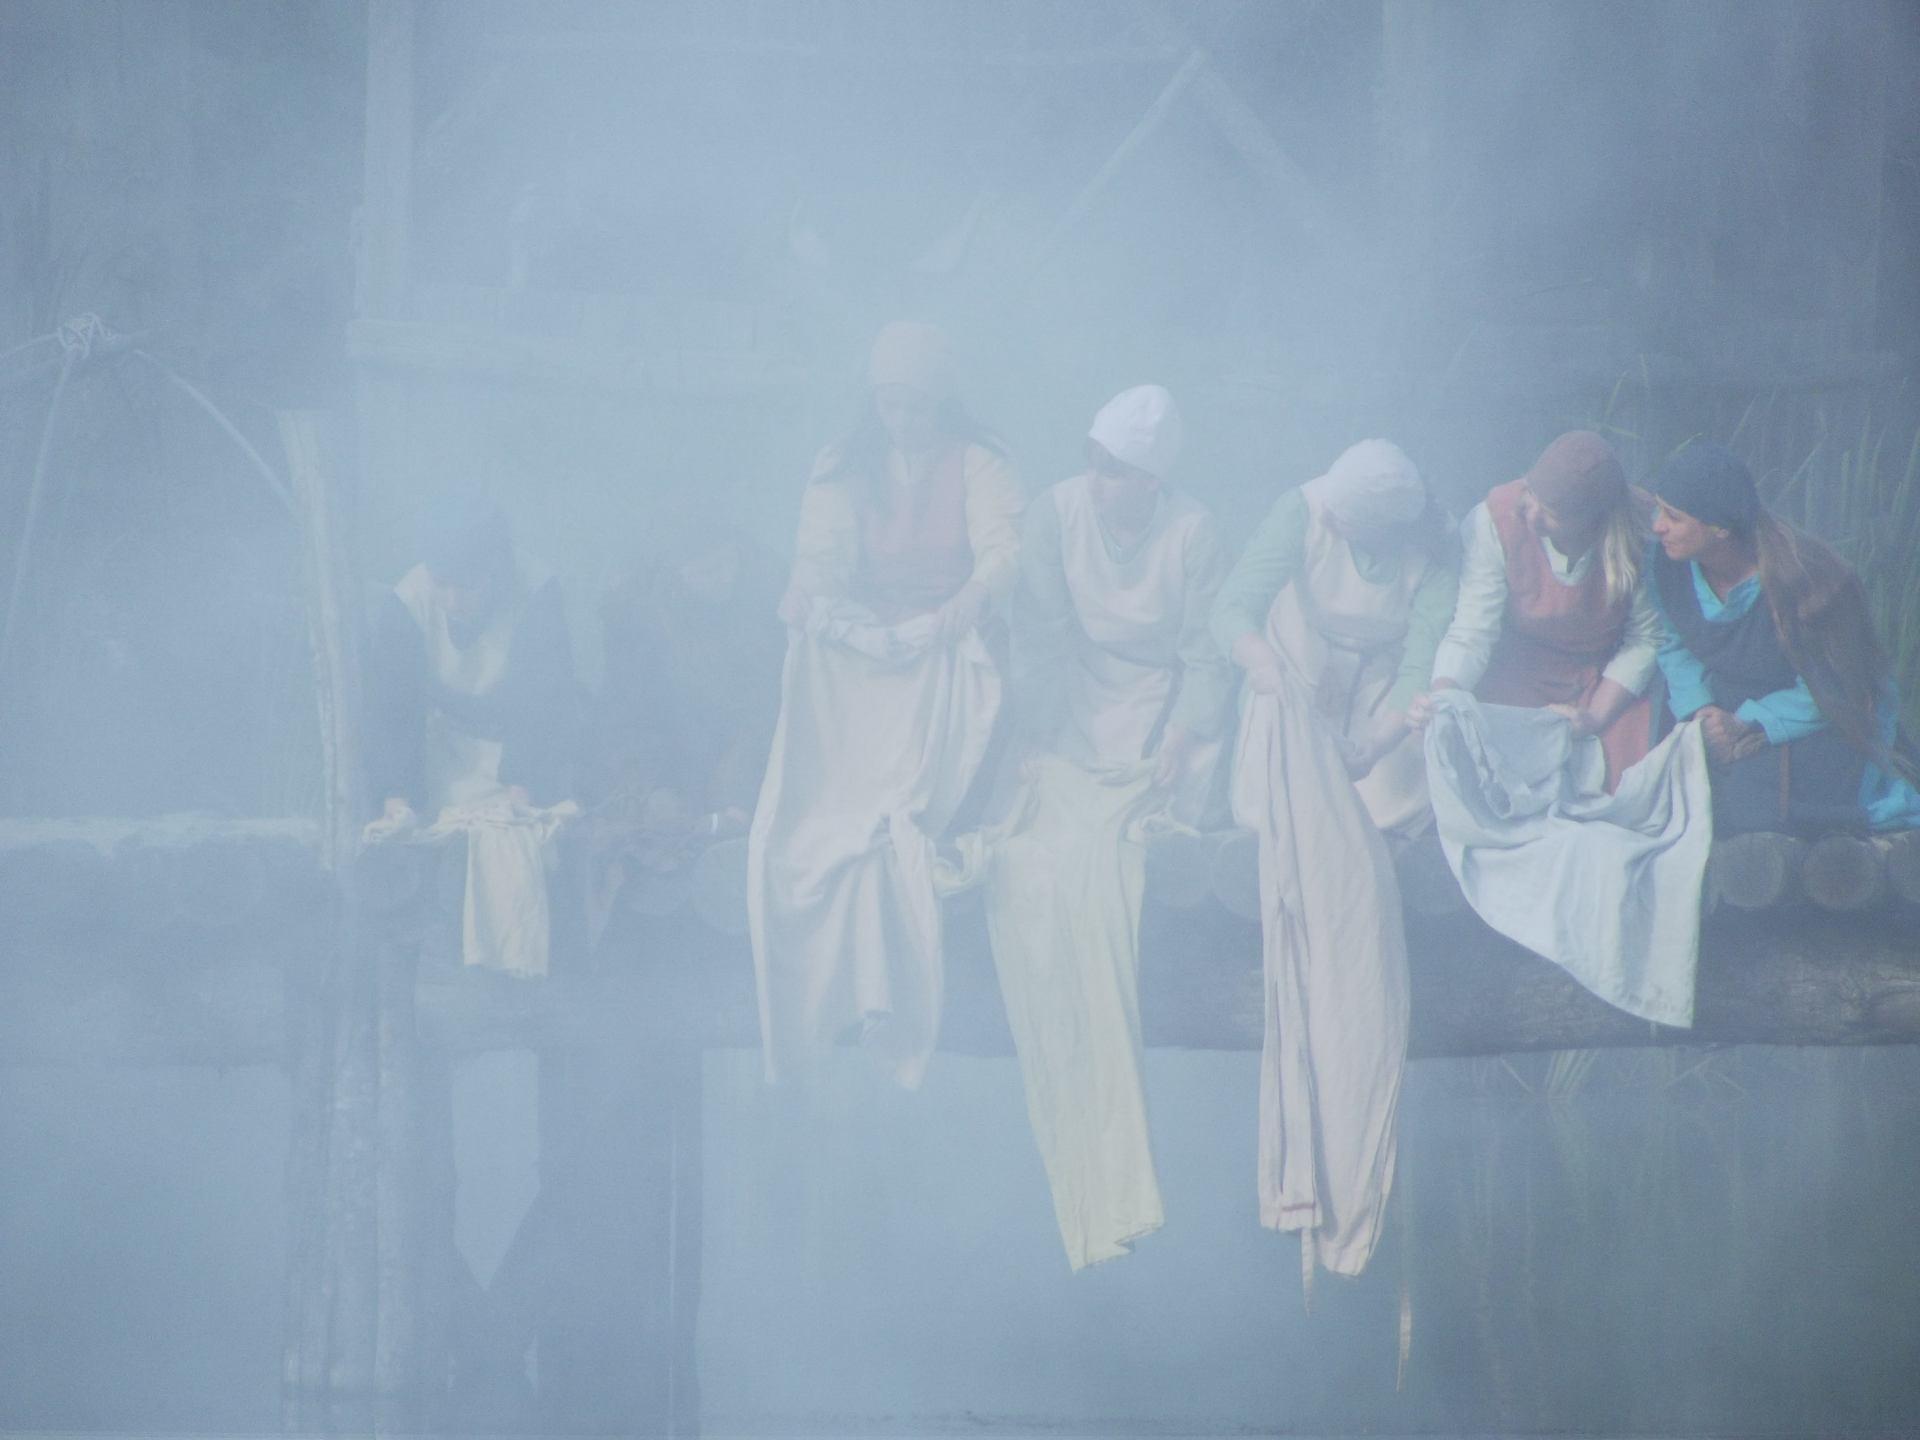 femmes au lavoir dans la brume